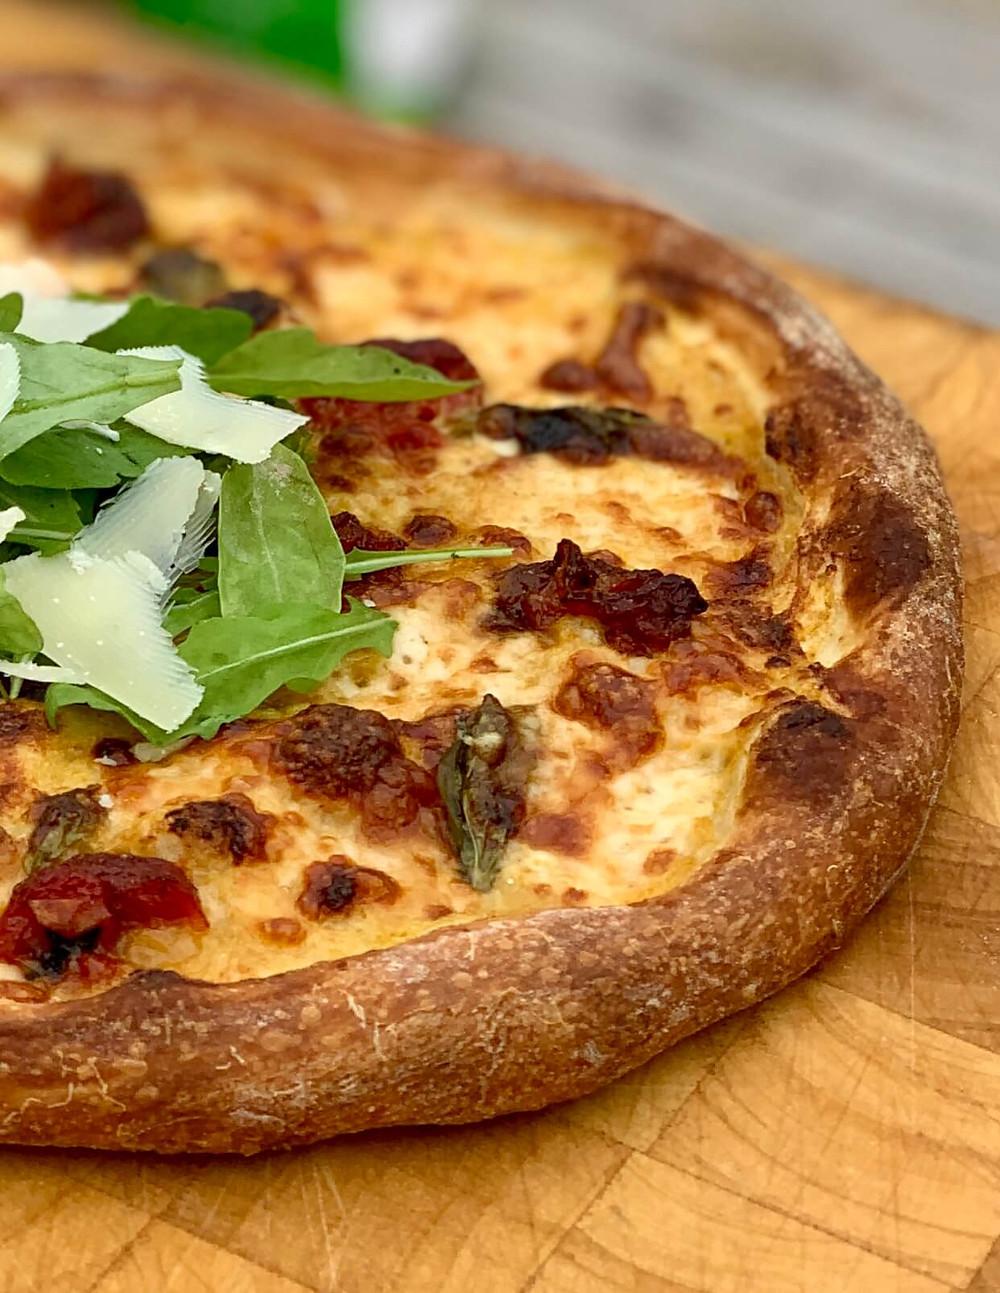 מתכון זריז קל פשוט לבצק פיצה מושלמת של קמח קסמים של סוגת